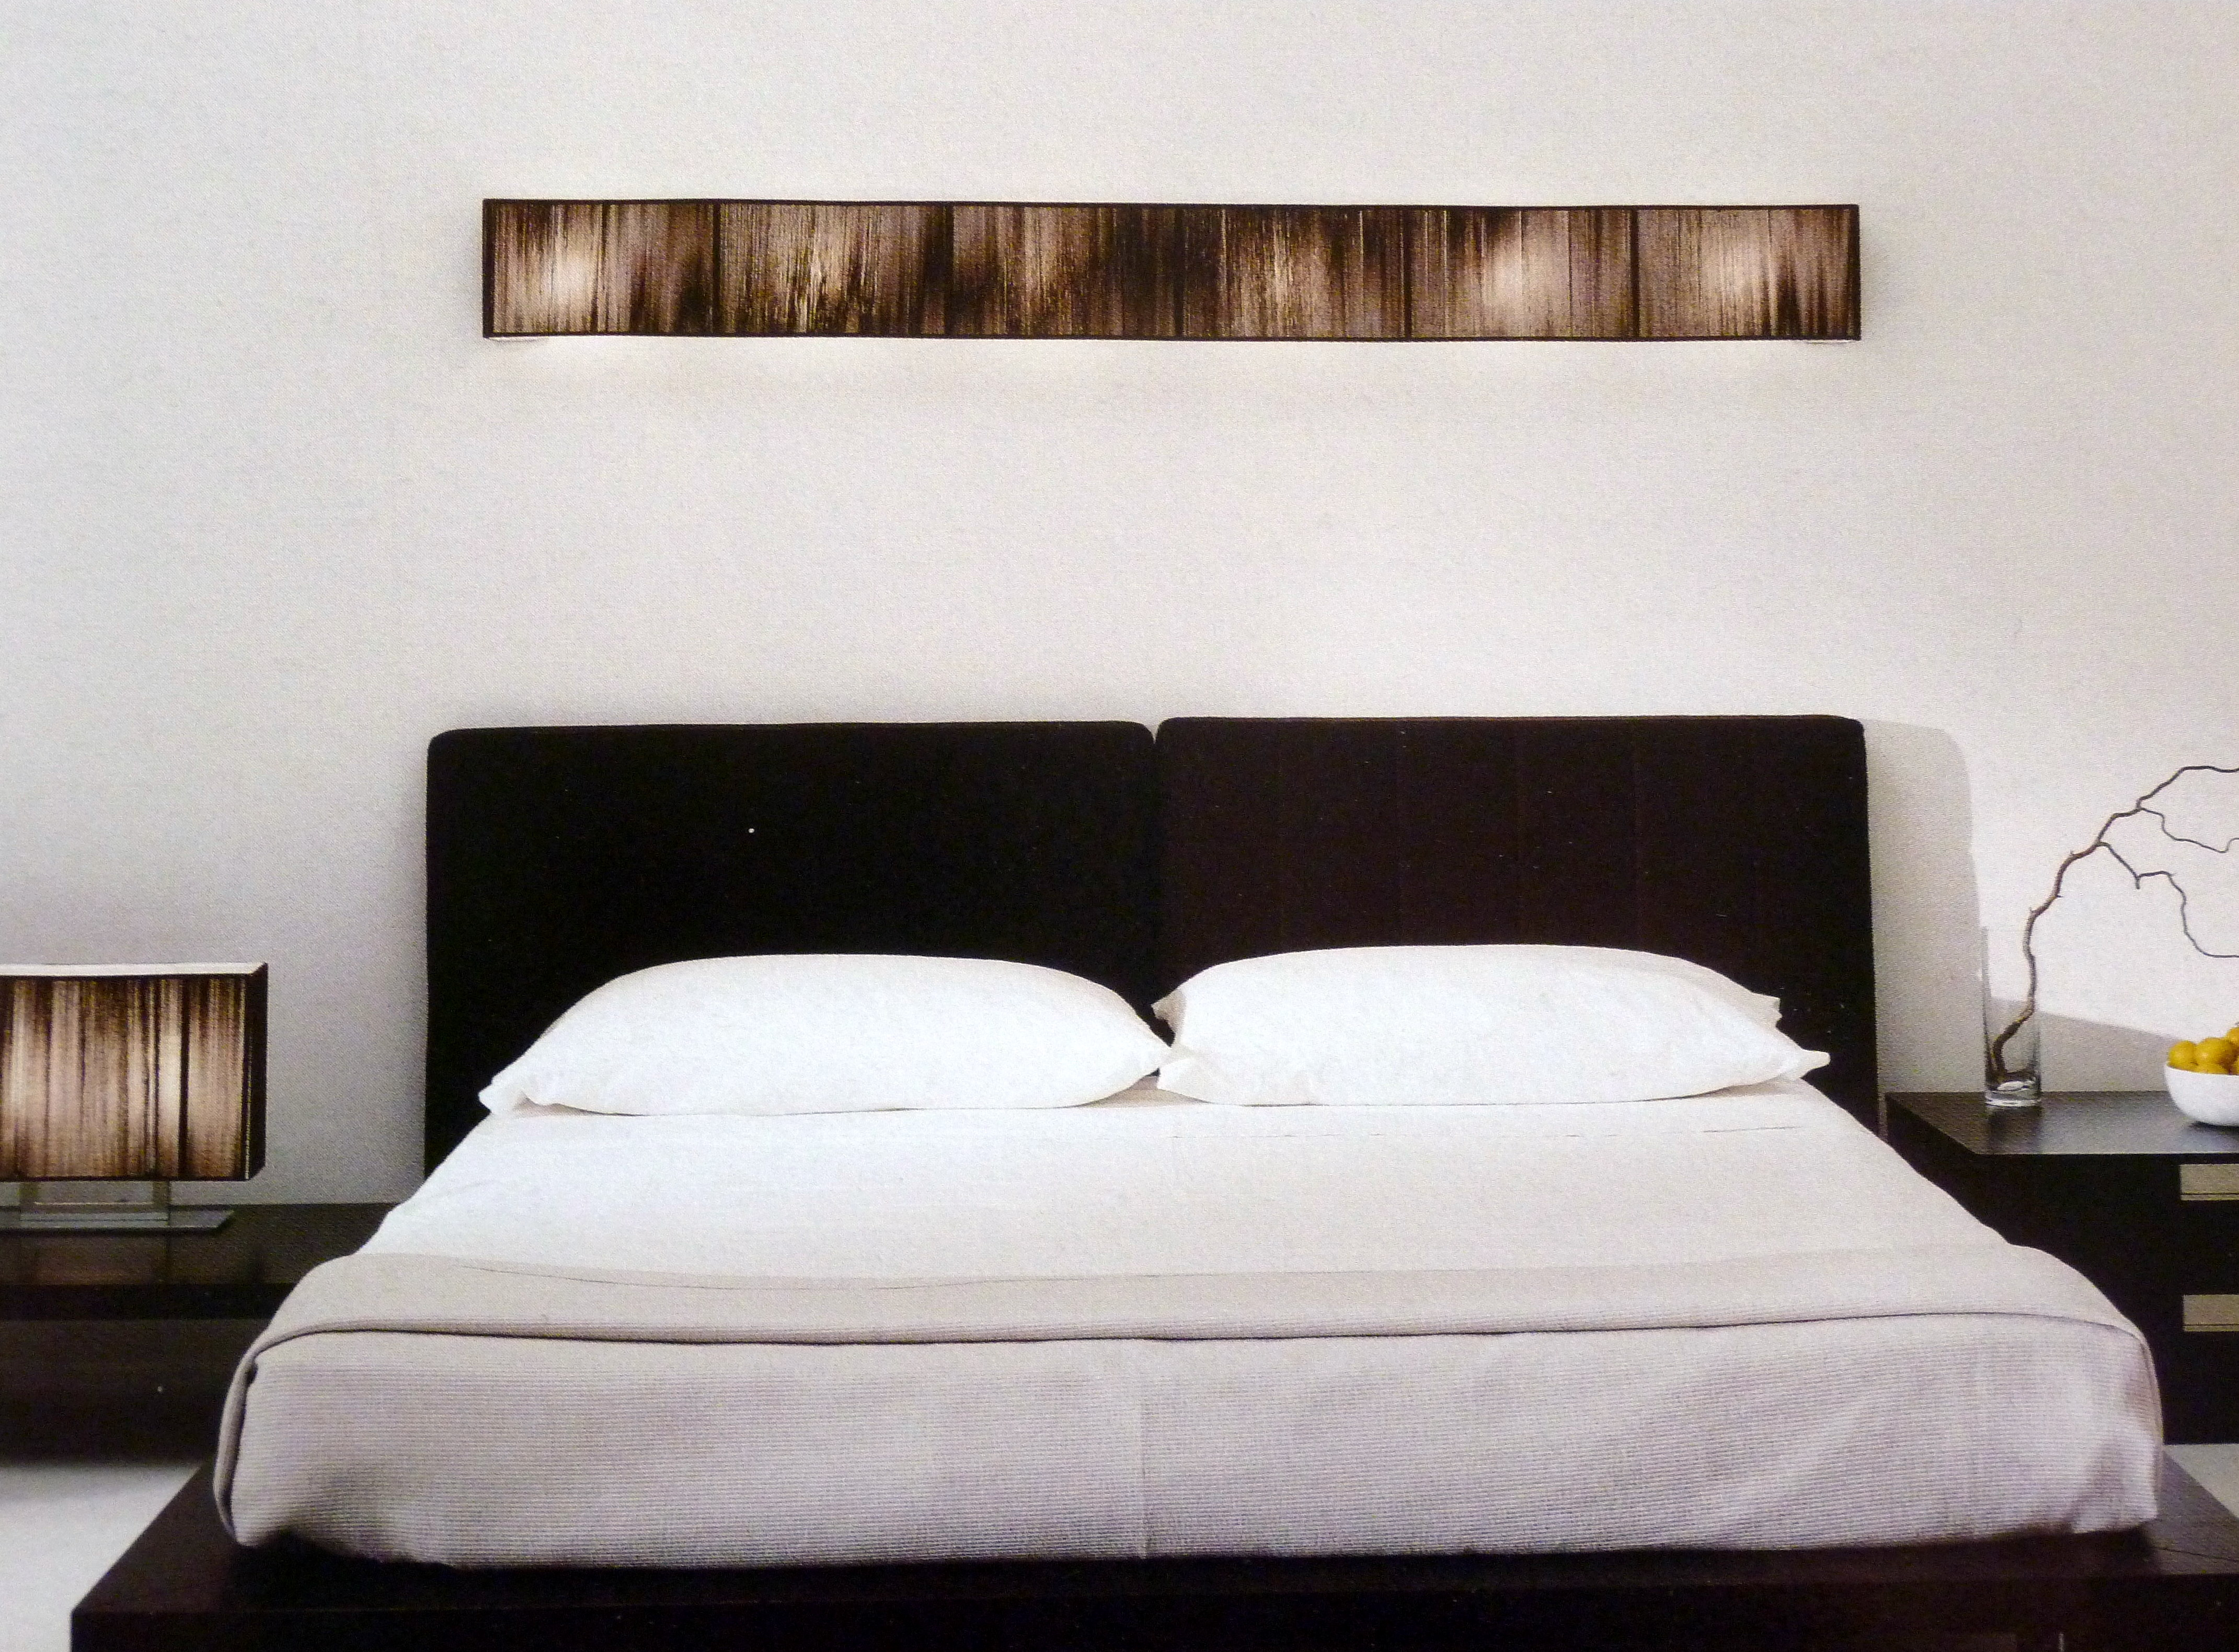 Schlafzimmer Beleuchtung Wand: Indirekte beleuchtung wand ...